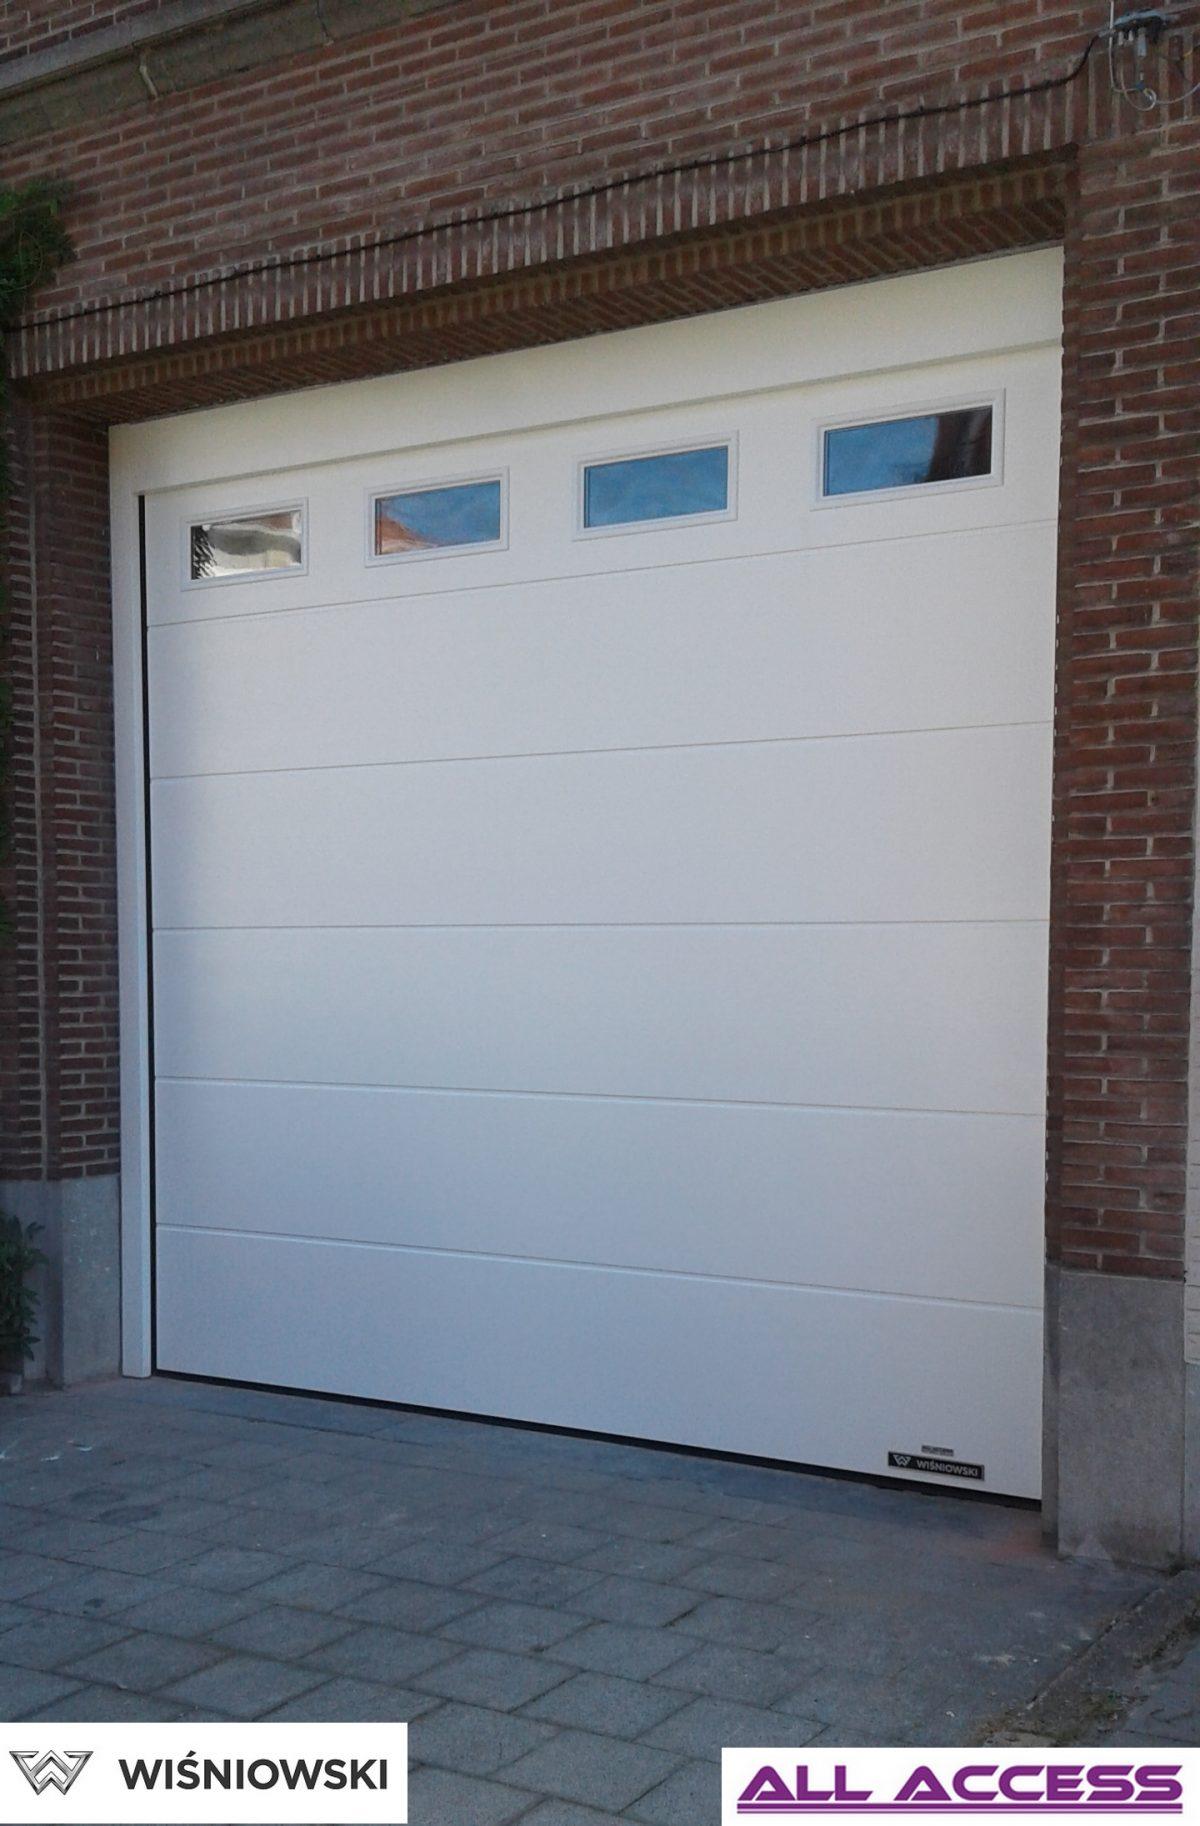 S lecteur de porte de garage r sidentielle all access for Prix porte de garage wisniowski